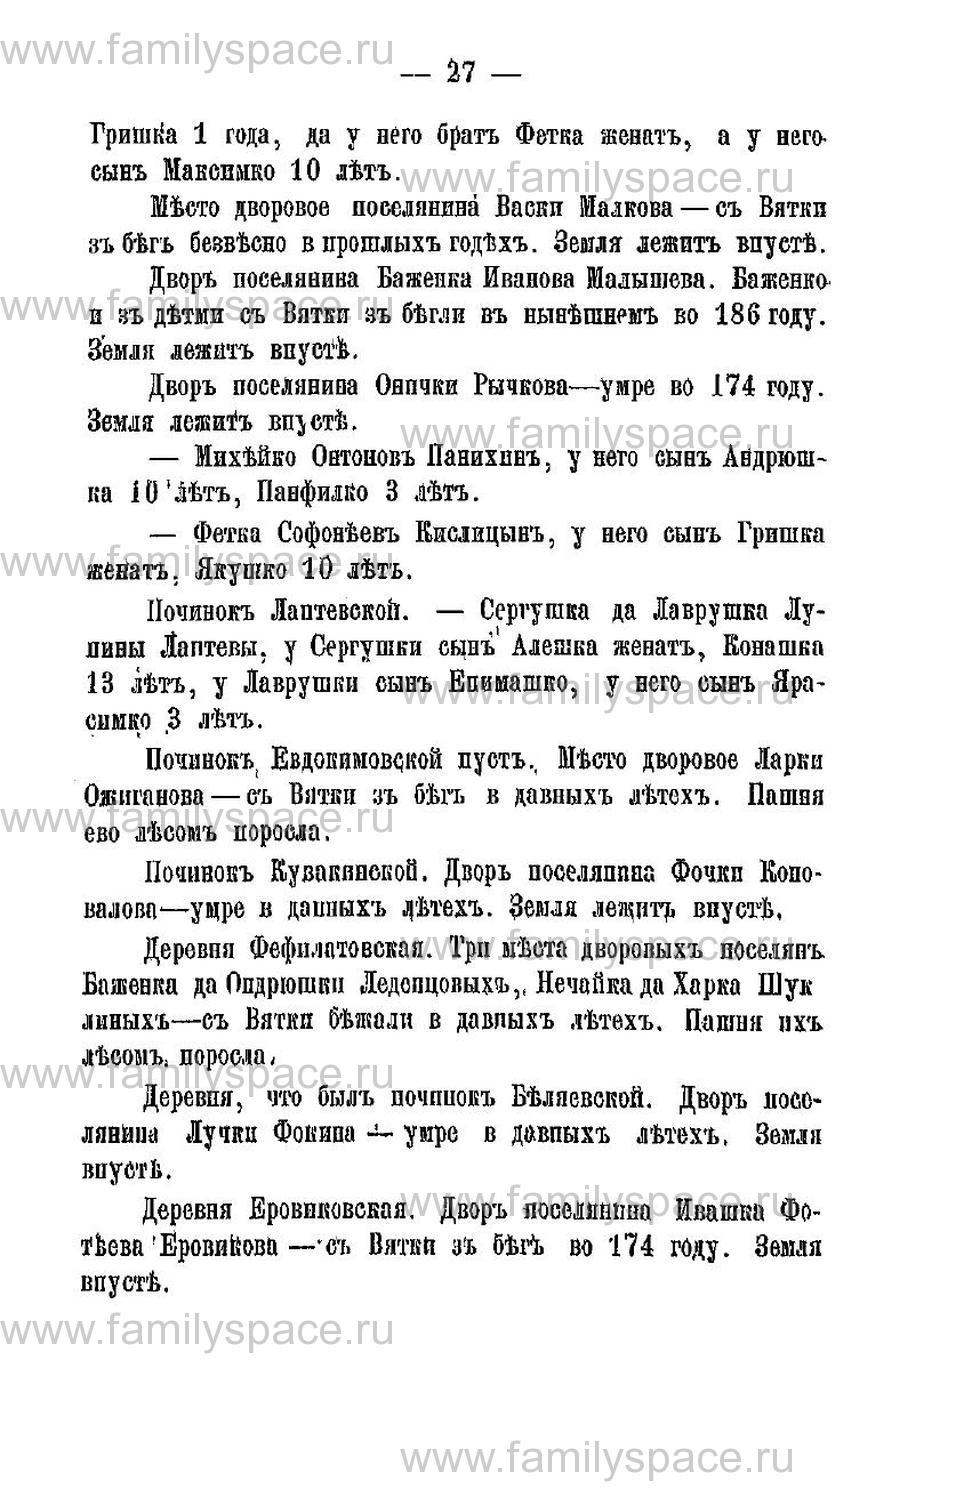 Поиск по фамилии - Переписная книга Орлова и волостей 1678 г, страница 23